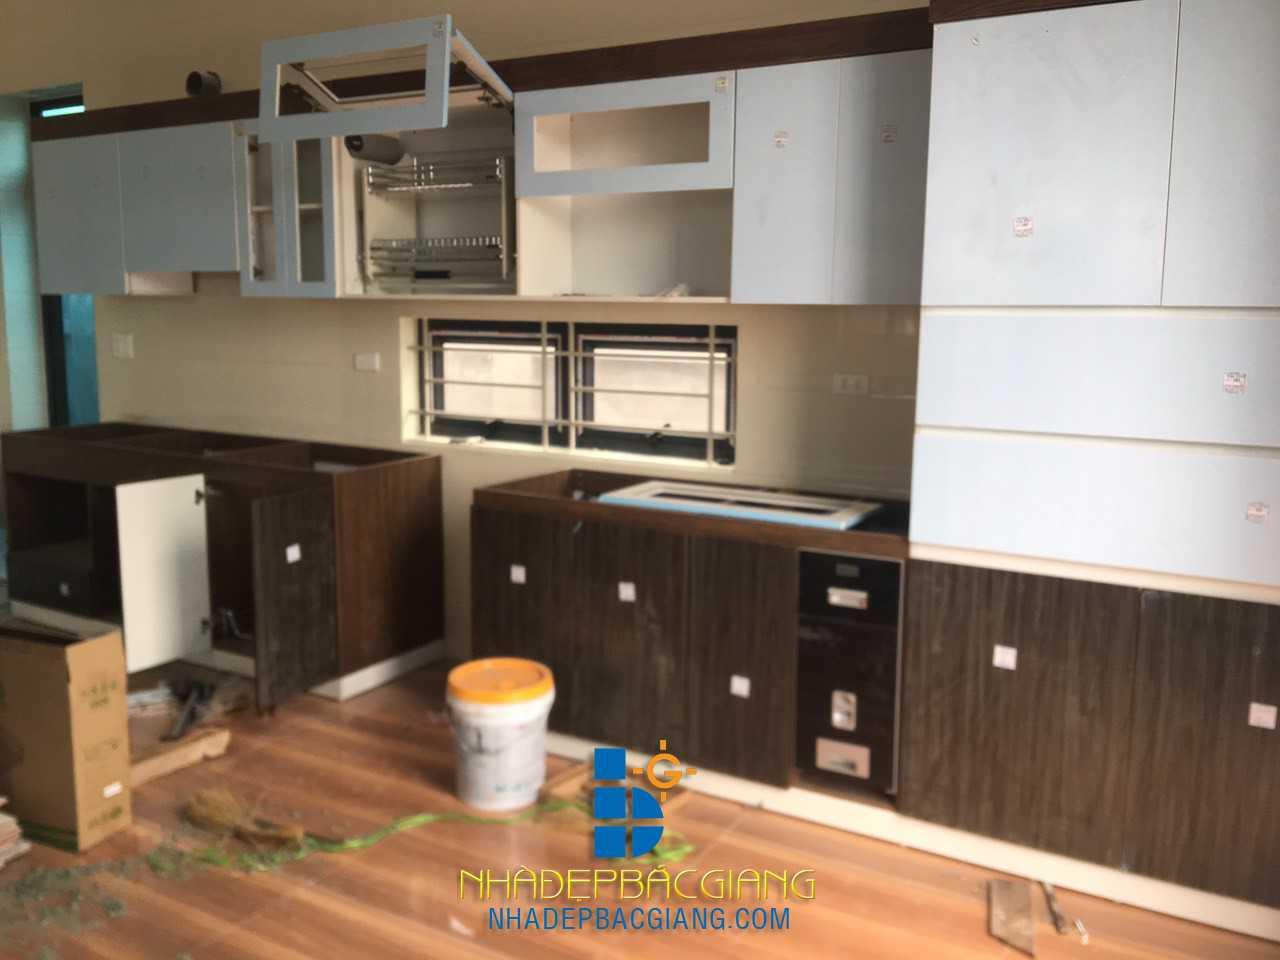 Thi công nội thất nhà Anh Trường KĐT Lạc Phú, TT. Nham Biền, huyện Yên Dũng, tỉnh Bắc Giang